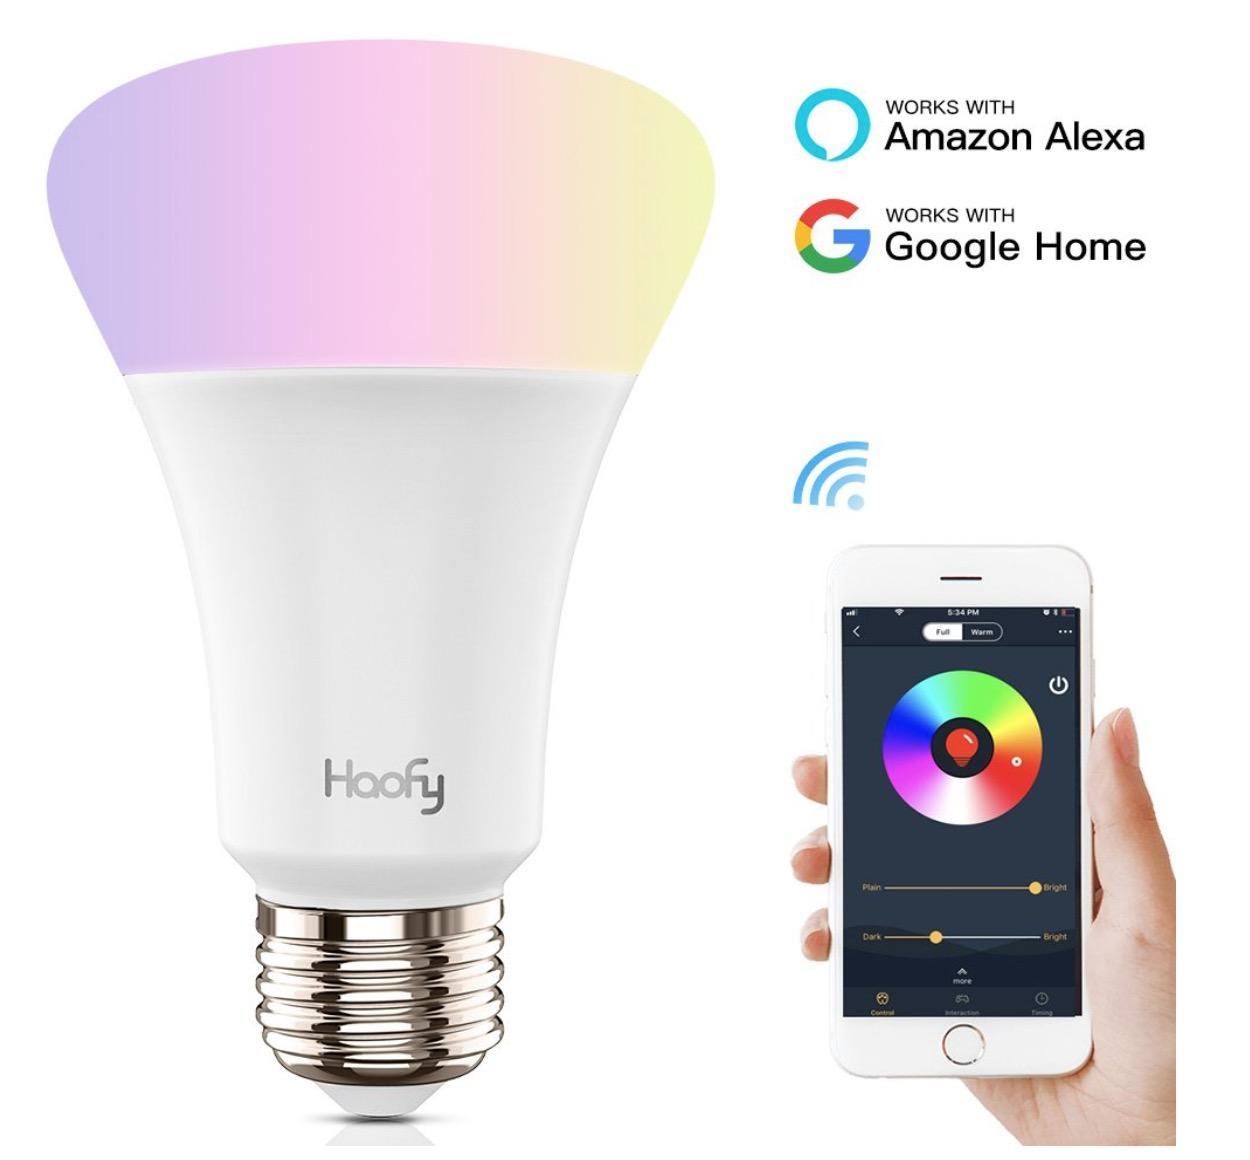 Haofy RGB E27 Smart LED Glühbirne für nur 6,99 Euro